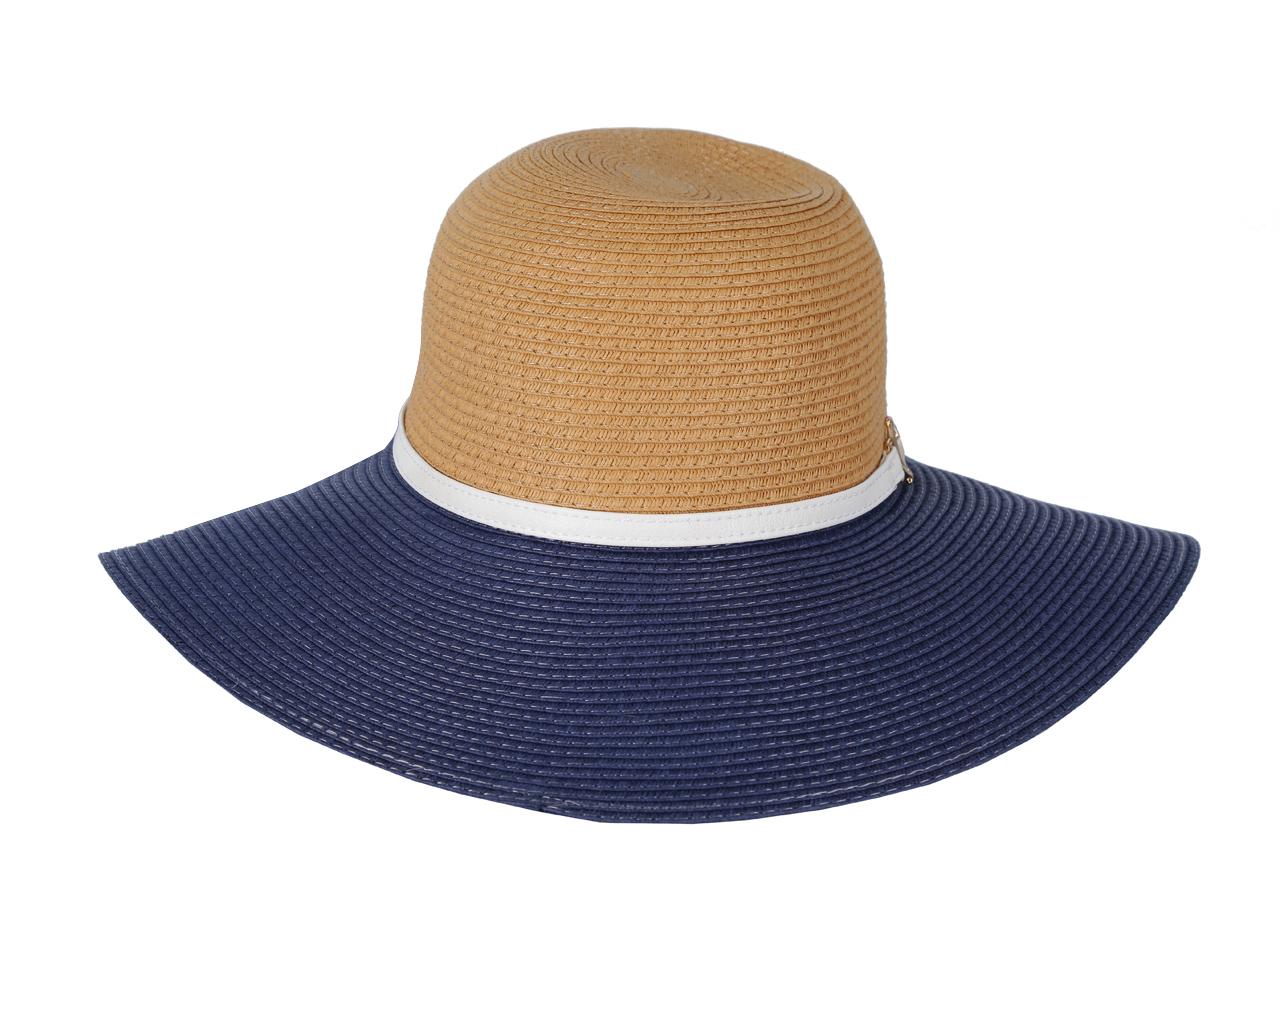 ШляпаGL34-3/5 BEIGE/BLUEСтильная шляпа от Fabretti для пляжного отдыха и прогулок в солнечные дни.